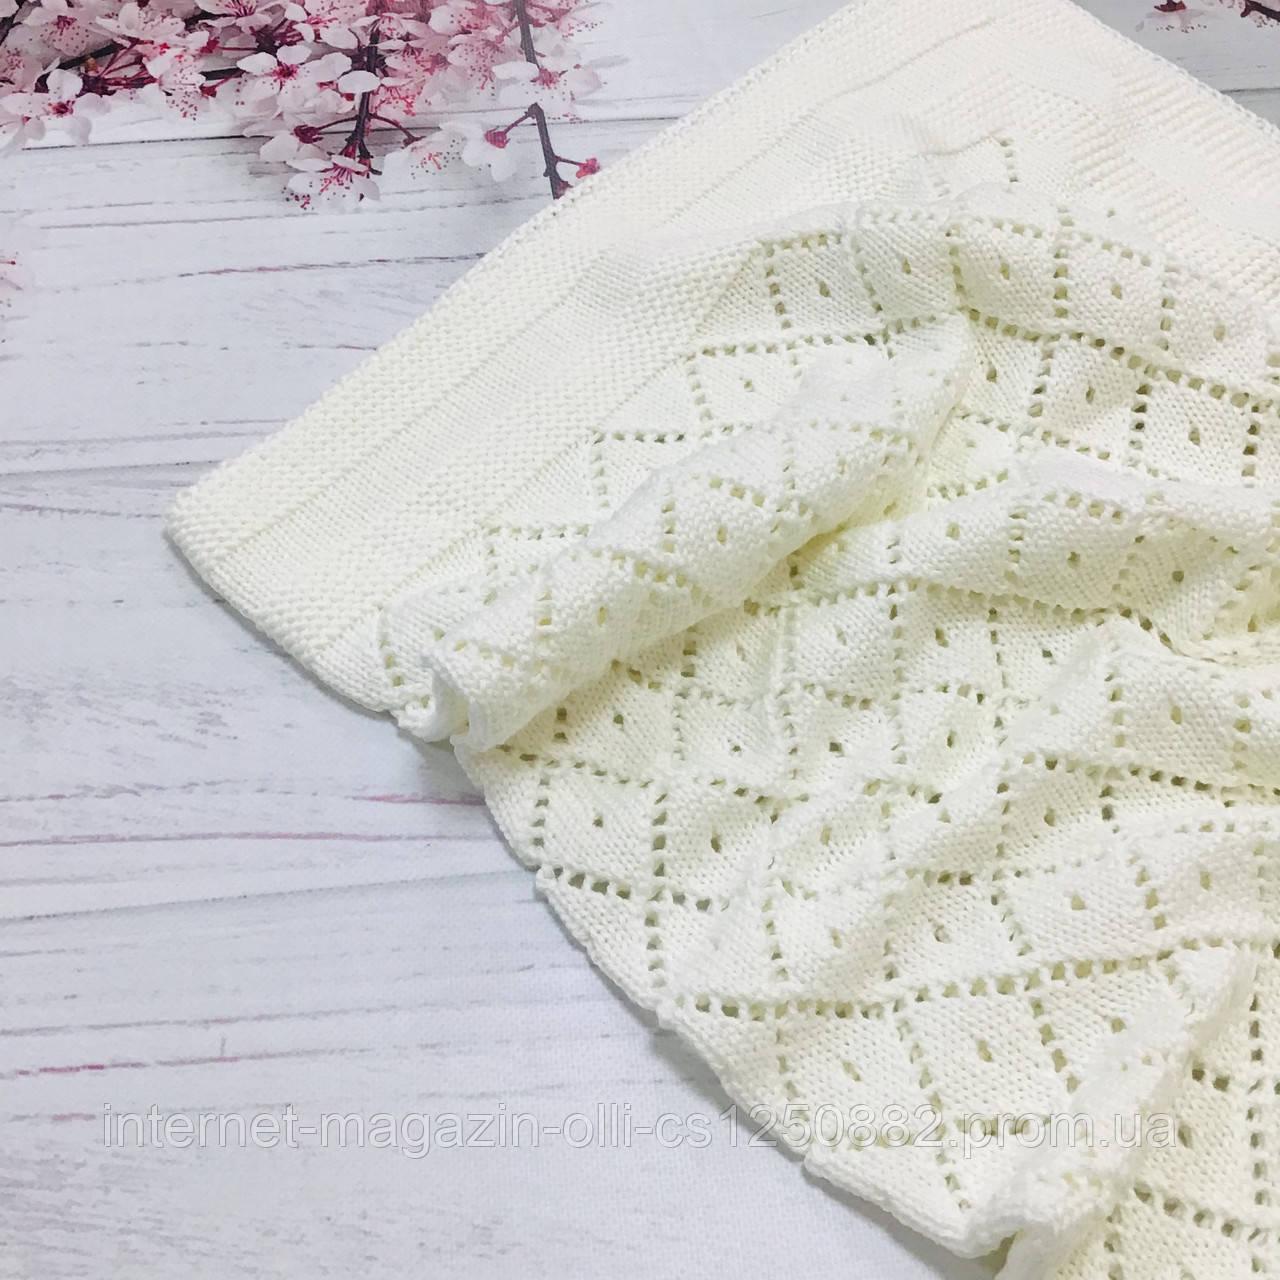 Плед вязанный ромбик молочного цвета 95*75 см (90% хлопок, 10% акрил)